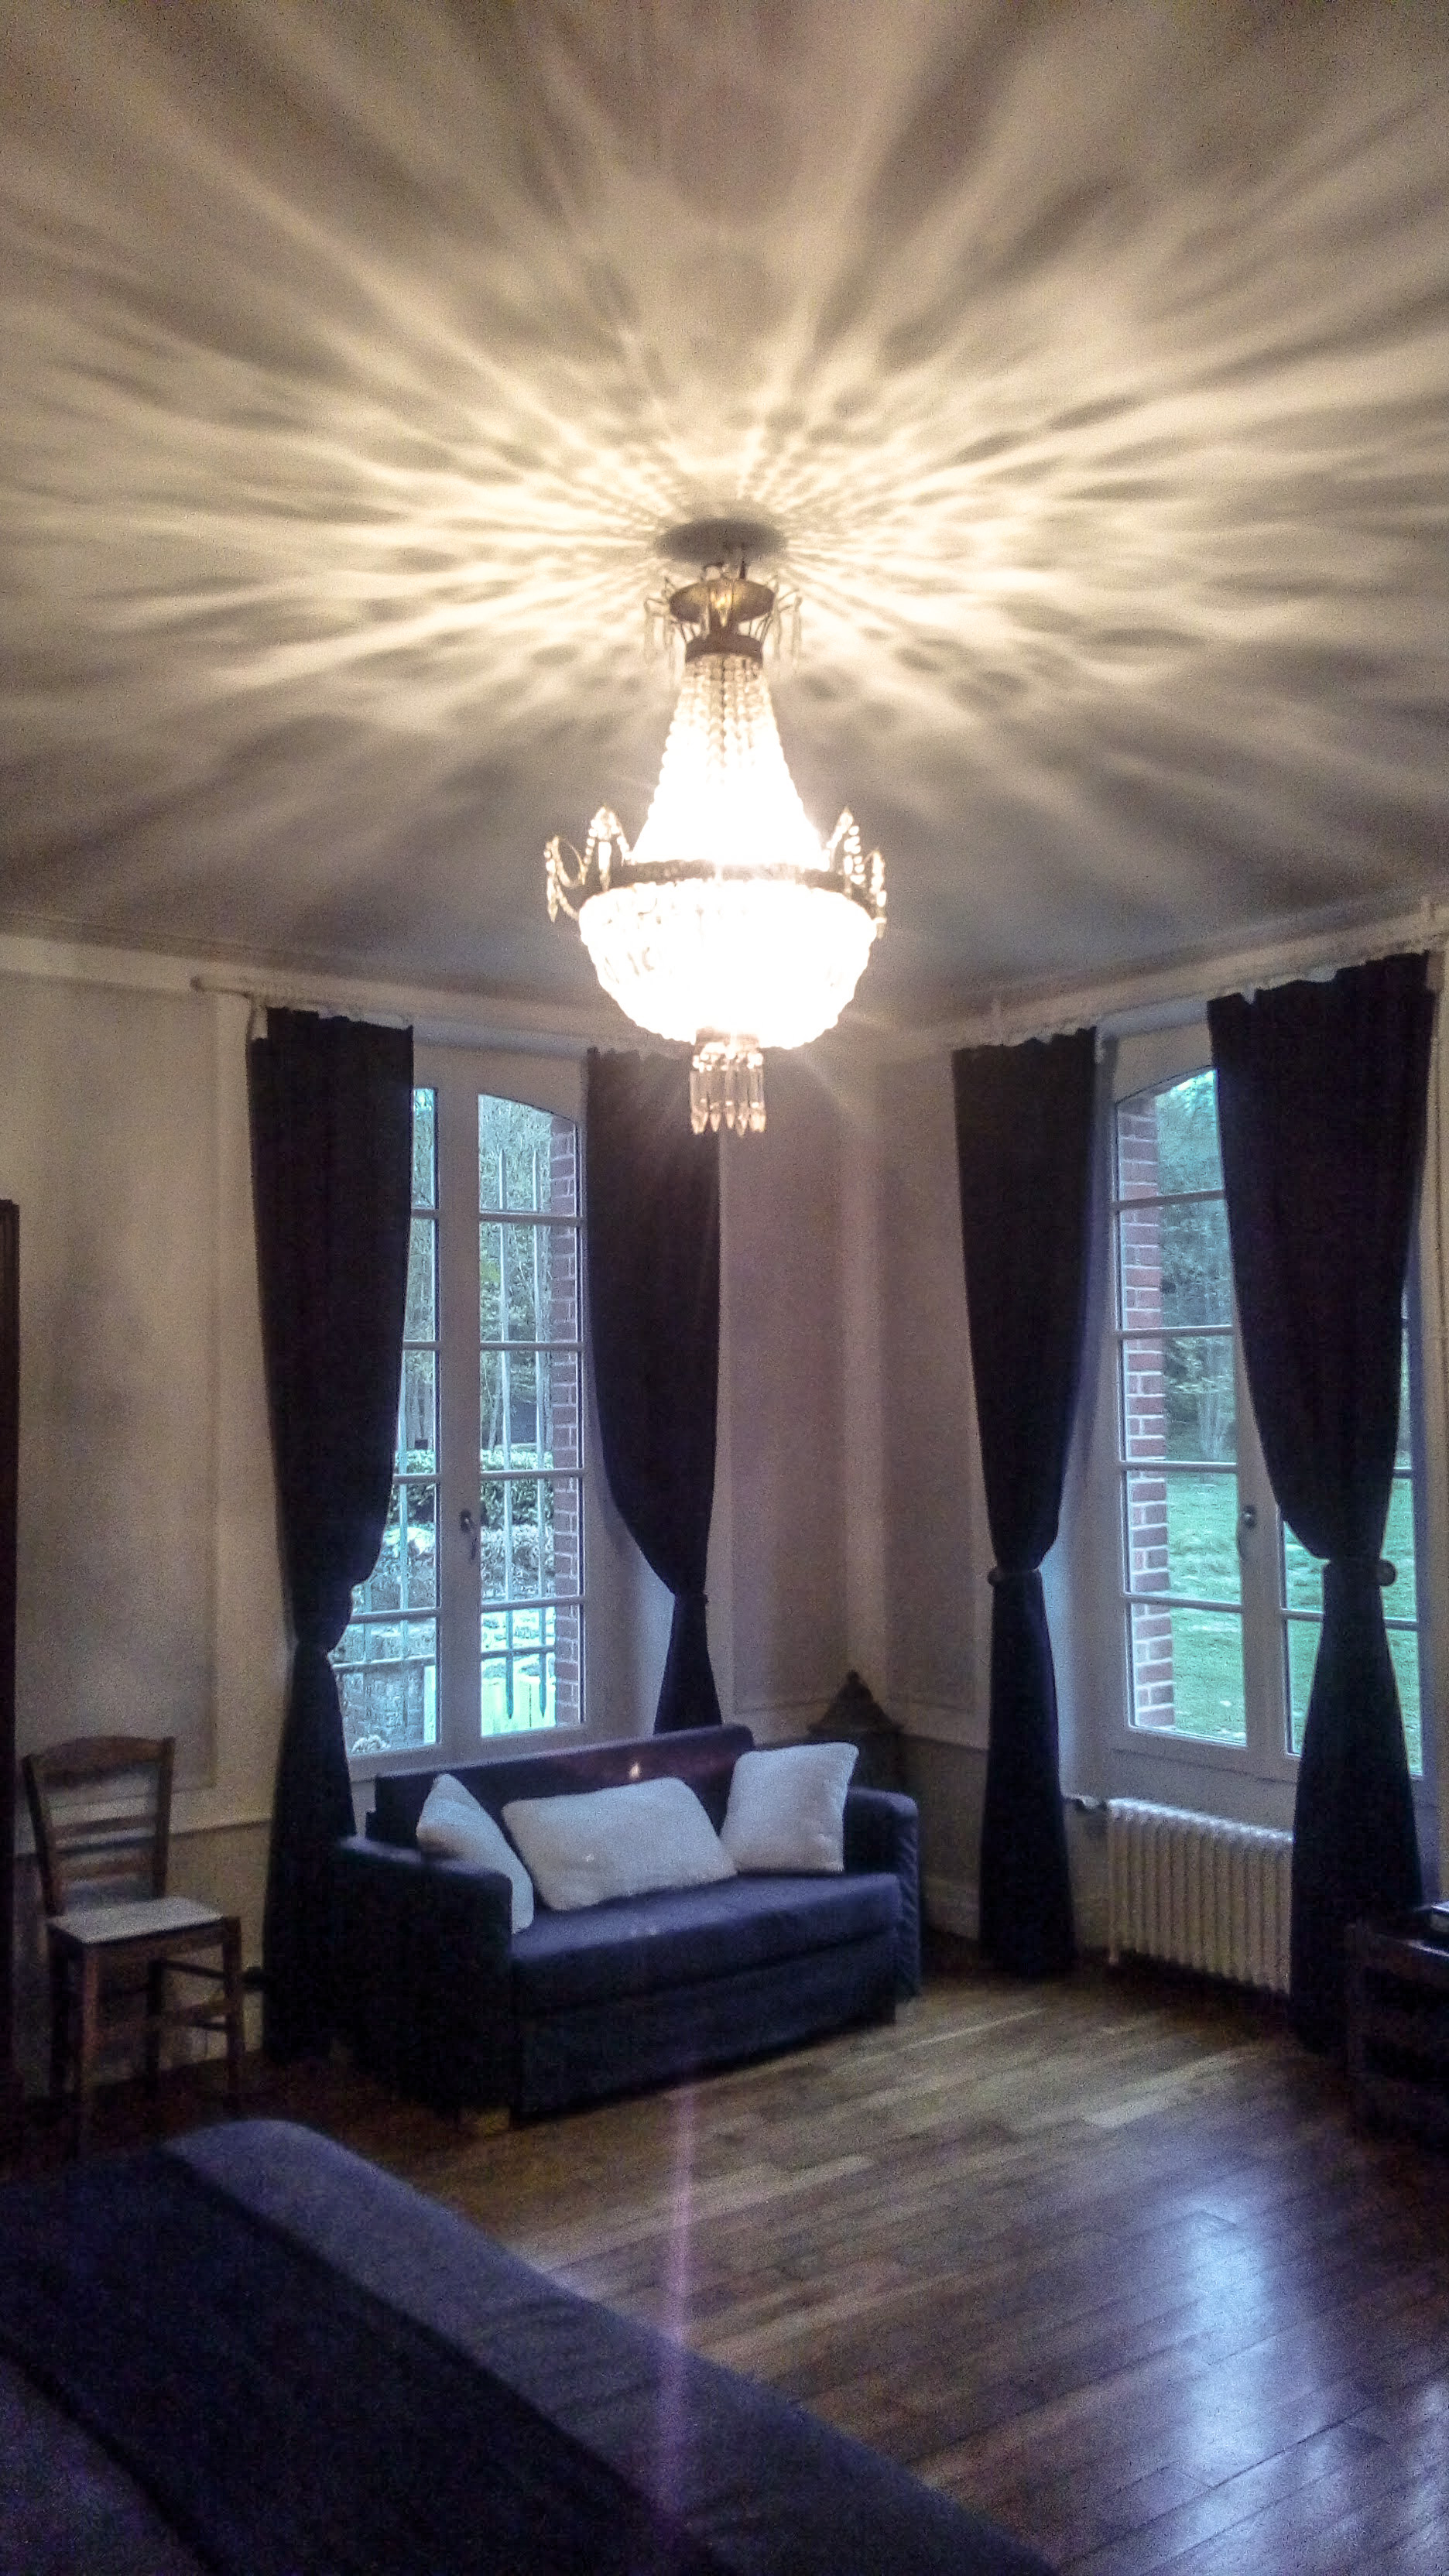 Image du salon de la suite du château de la Bourbelle